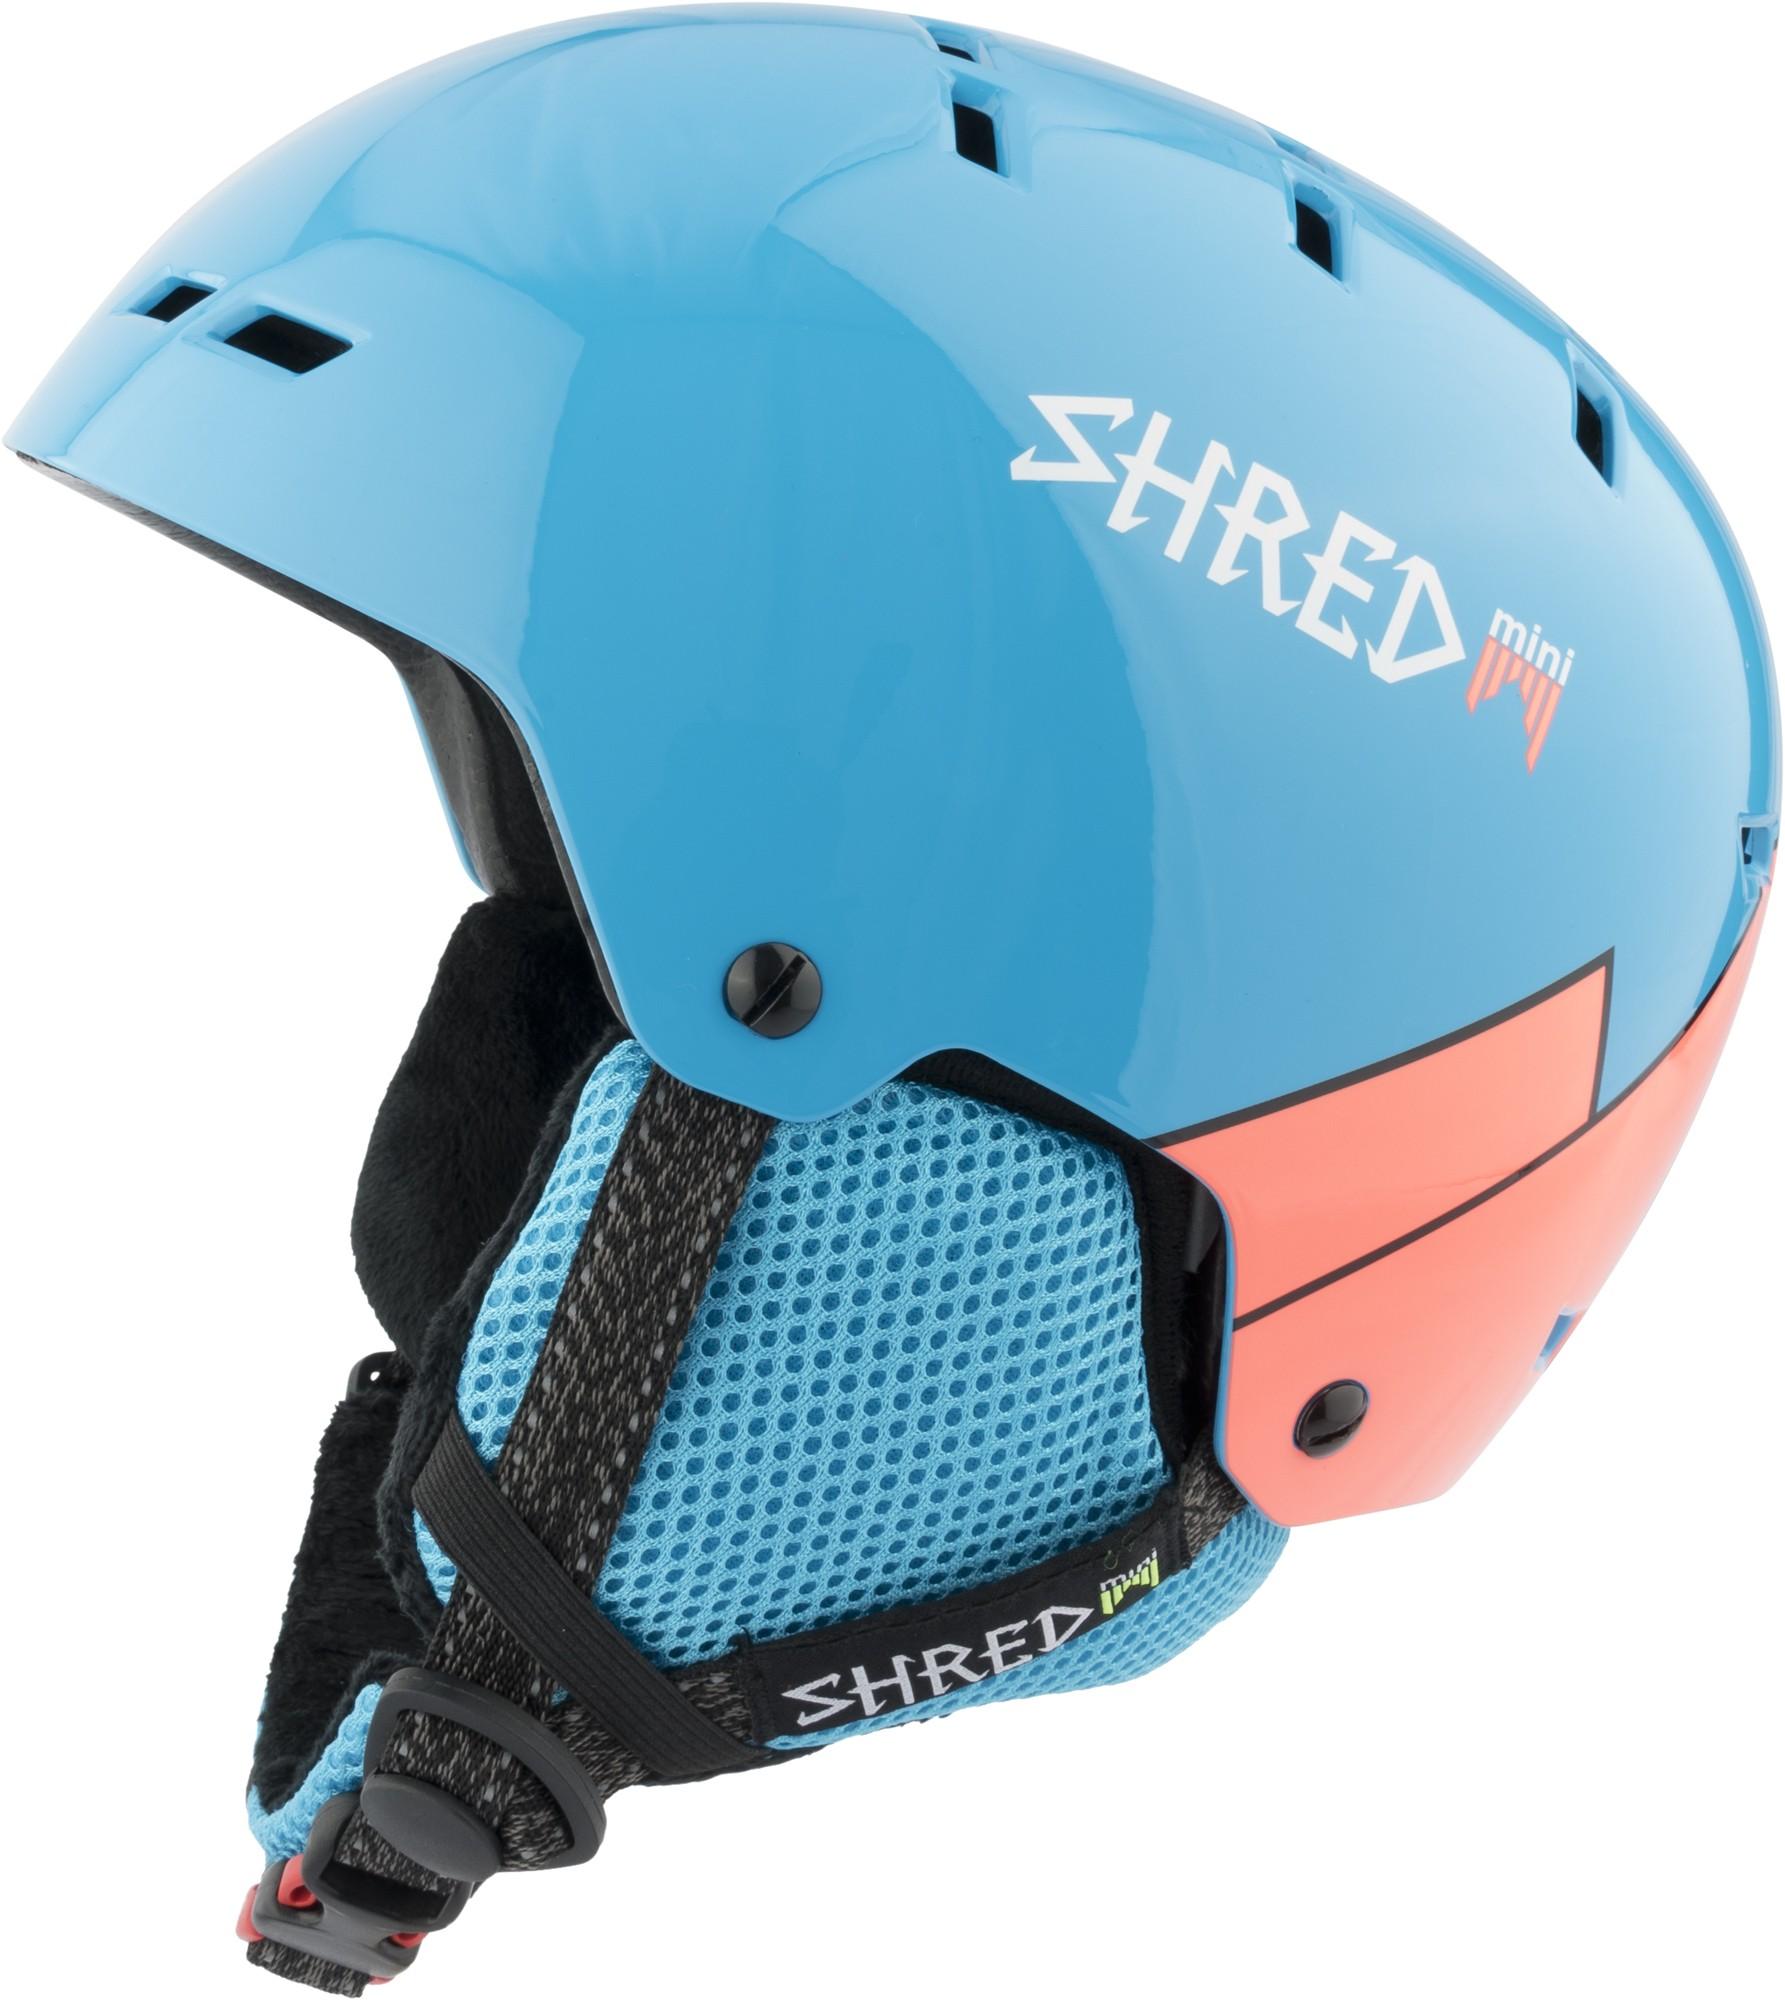 Shred BUMPER warm MINI WEE BLUE/RUST ski helmet, 2017